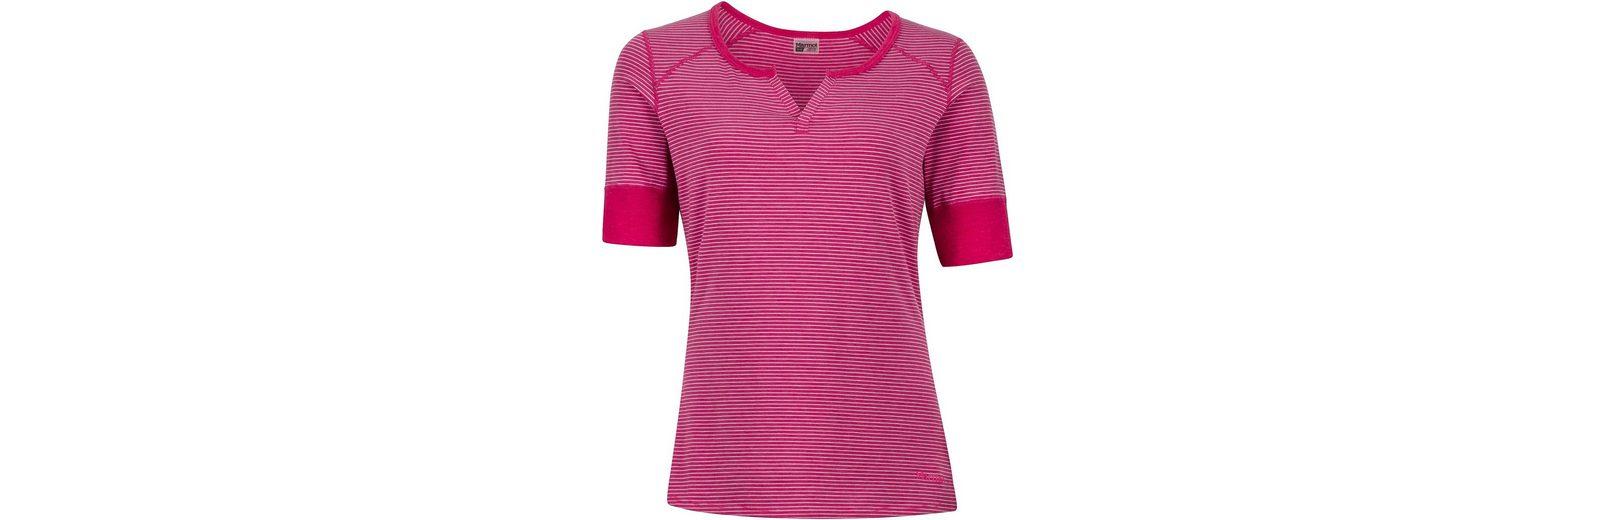 Marmot T-Shirt Cynthia SS Shirt Women Offizielle Seite Verkauf Online Verkauf Erstaunlicher Preis Spielraum Angebote Freies Verschiffen Der Niedrige Preis W5fLelar